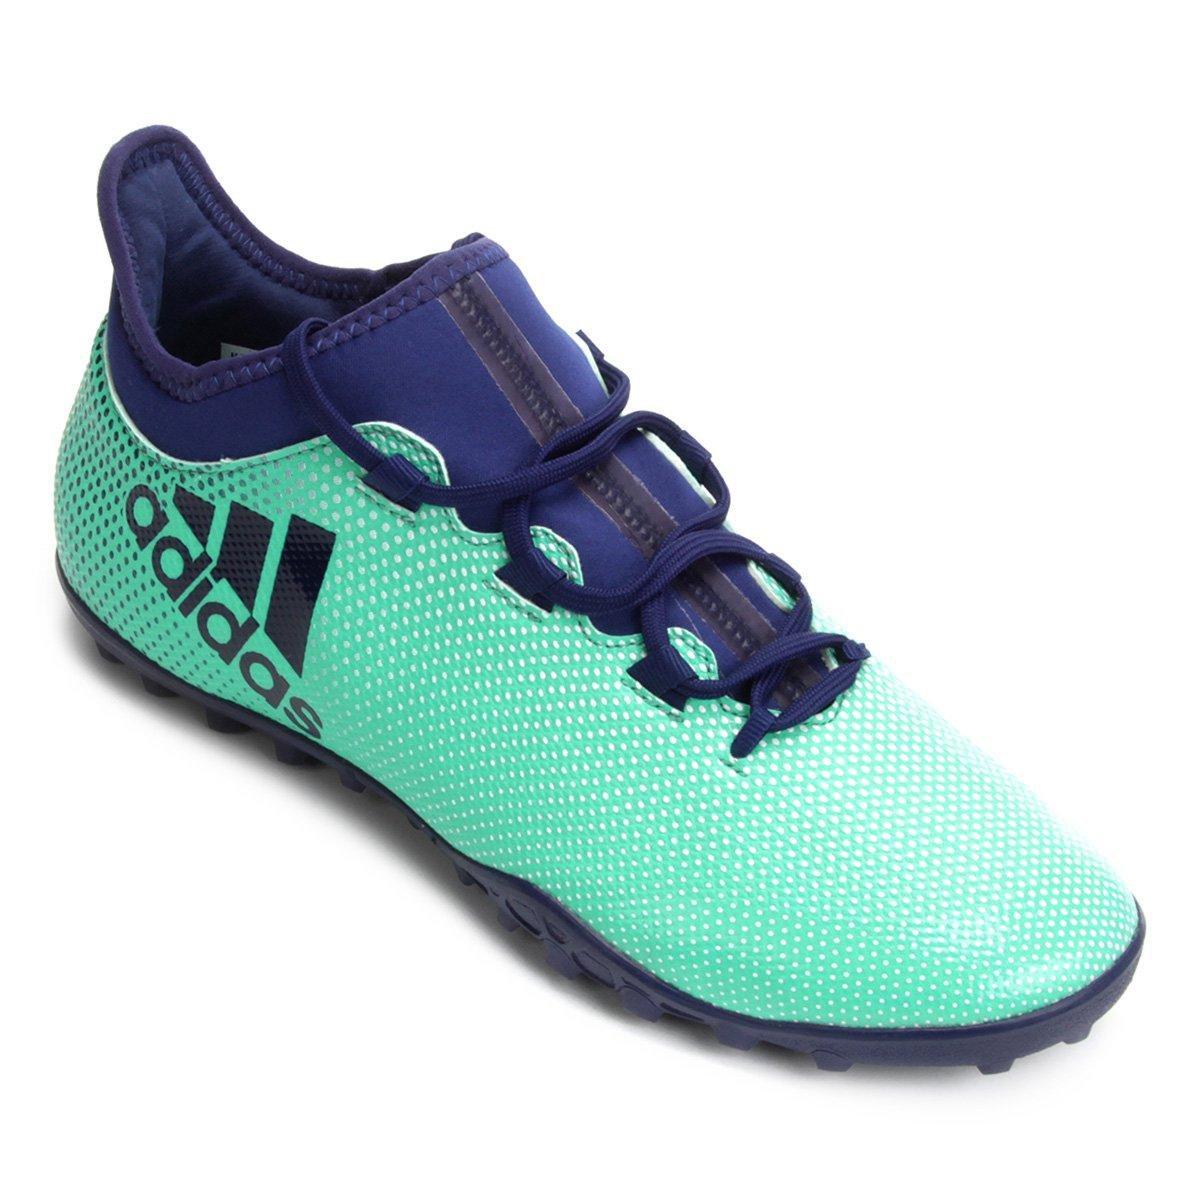 separation shoes 9ed59 768da Chuteira Society Adidas X 17.3 TF - Azul e Verde Água - Compre Agora   São  Paulo Mania